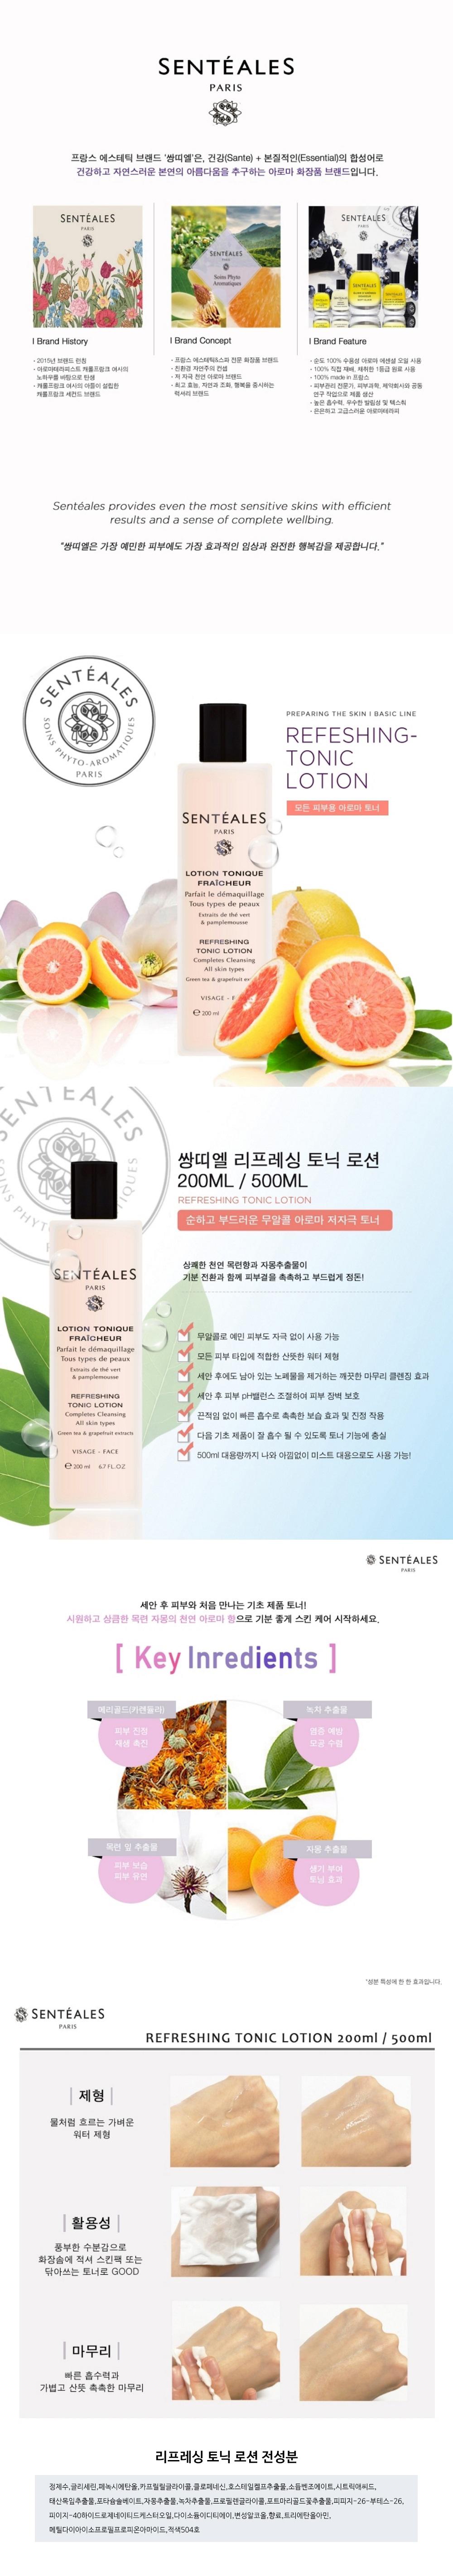 7_Senteales_refeshing_tonic_lotion_detail_image.jpg